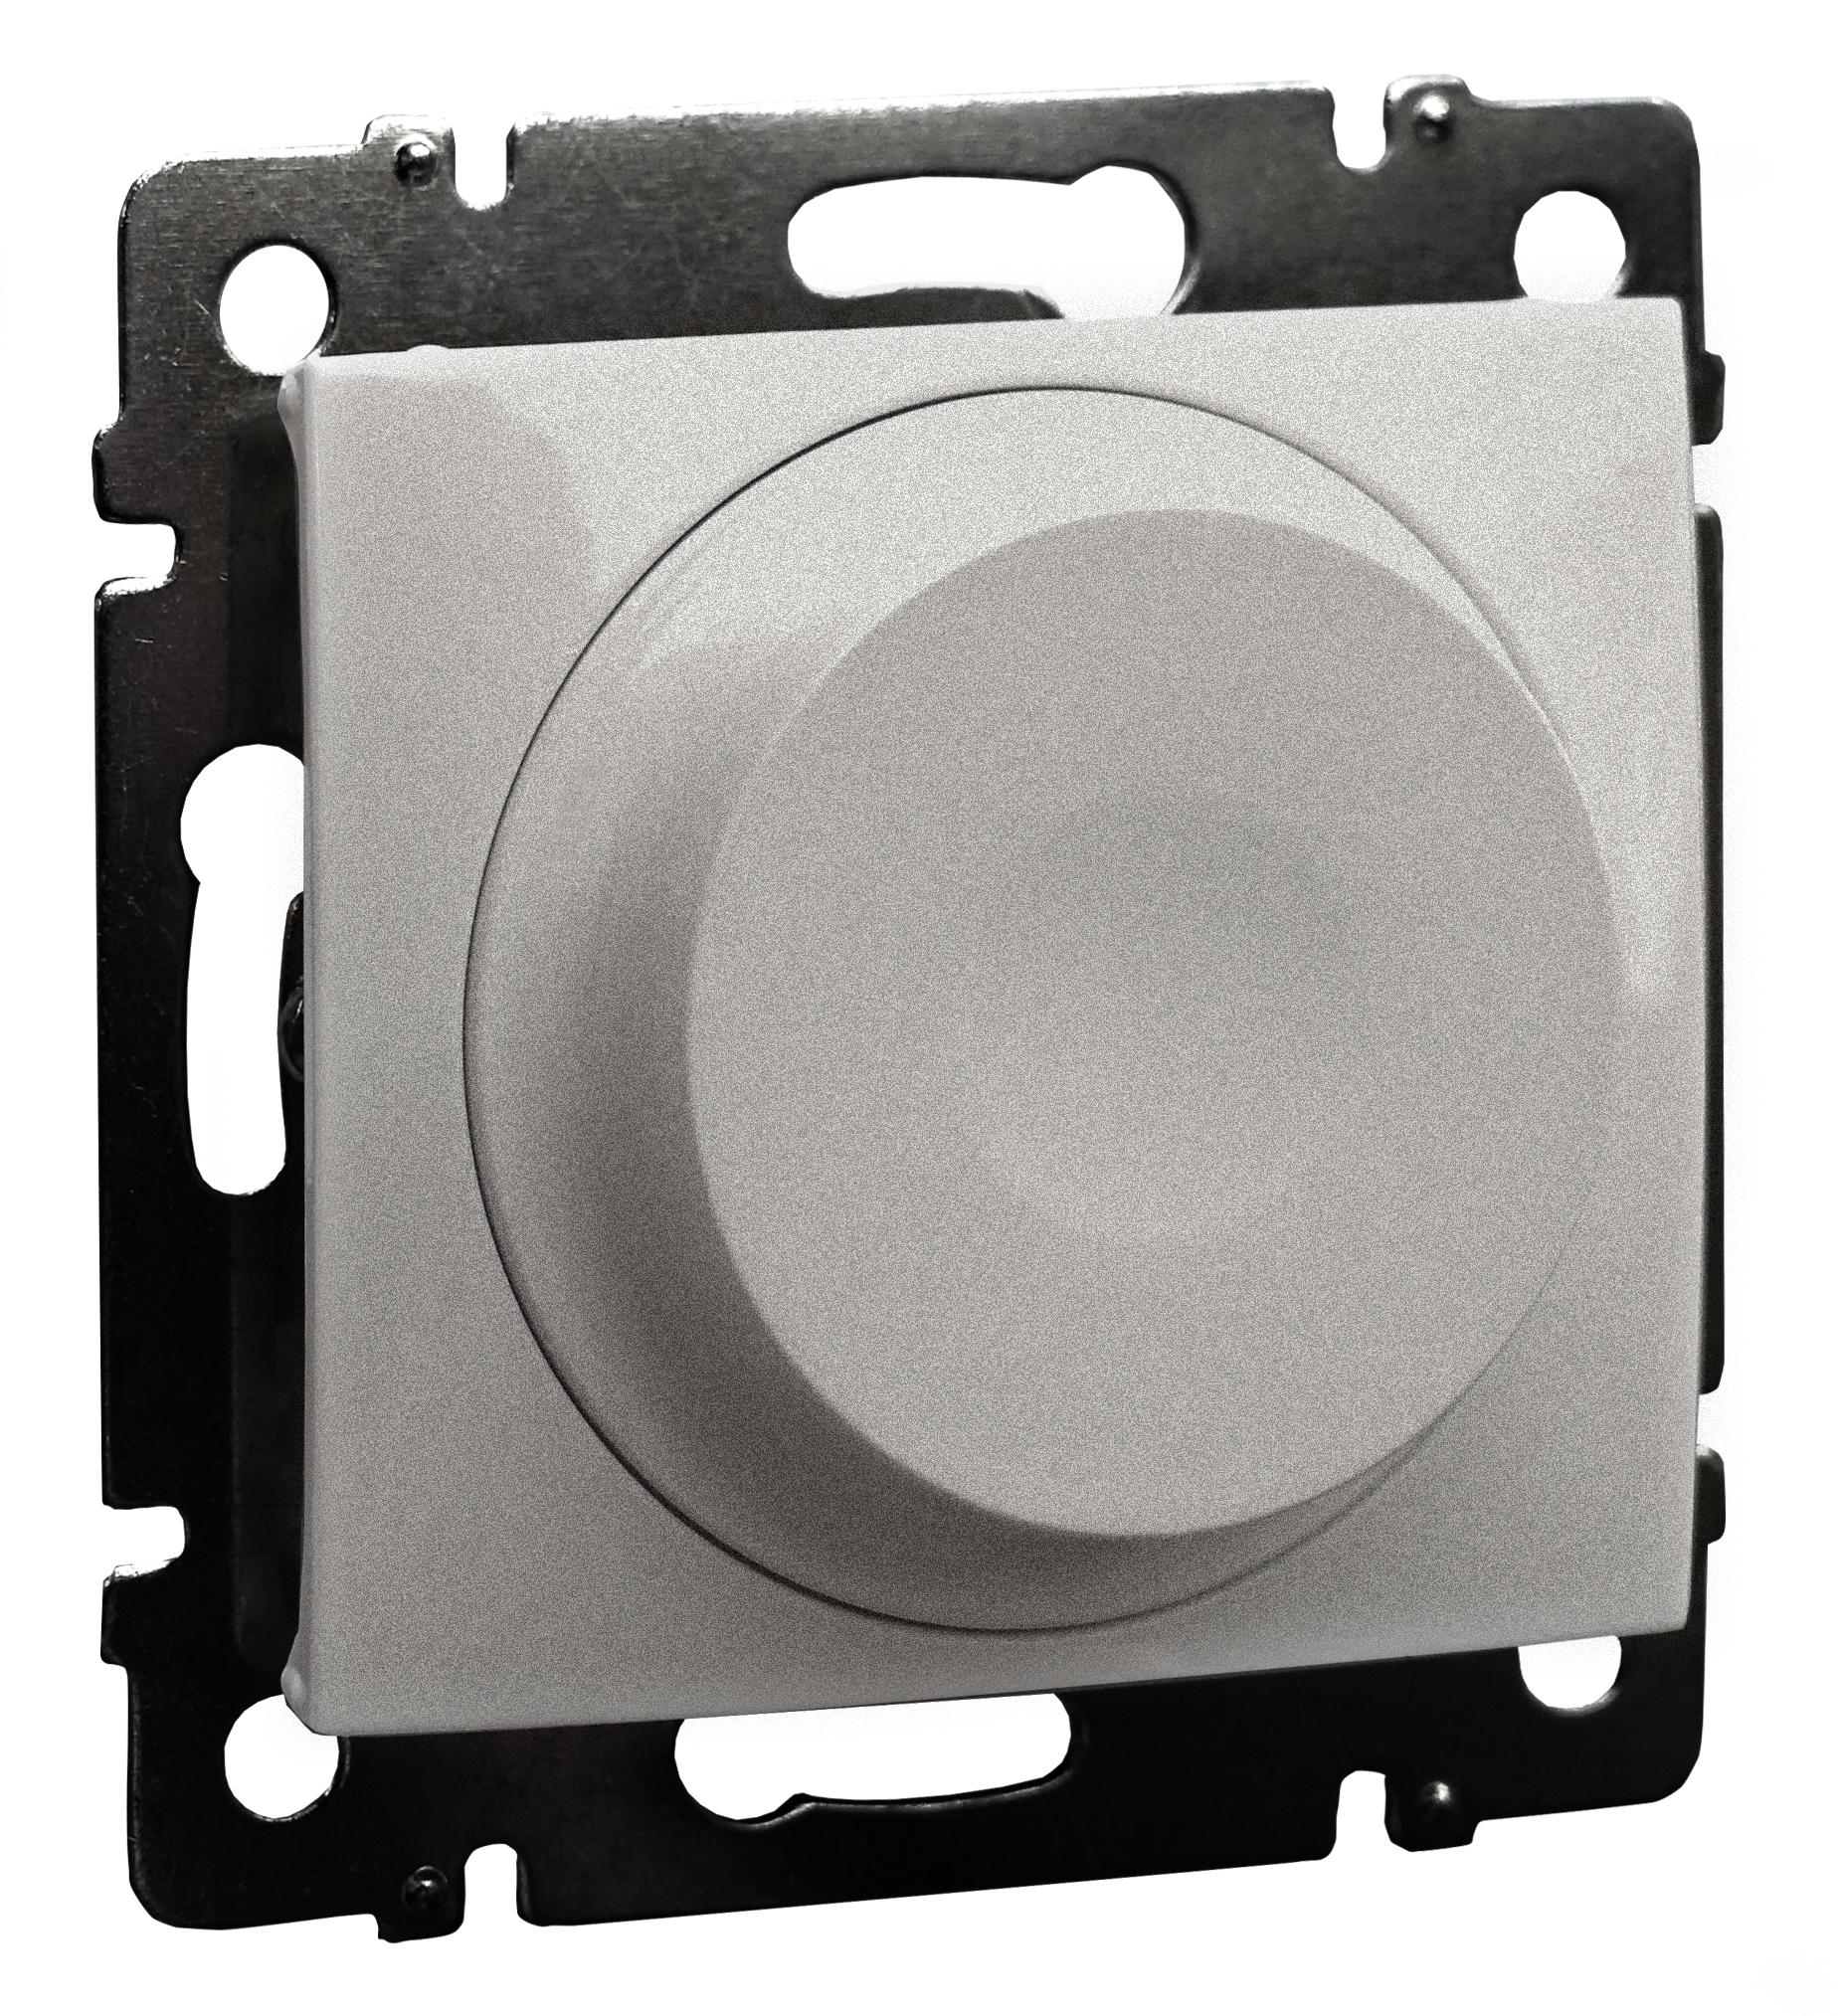 Светорегулятор поворотный LED, без нейтрали, алюминий 770263 LG